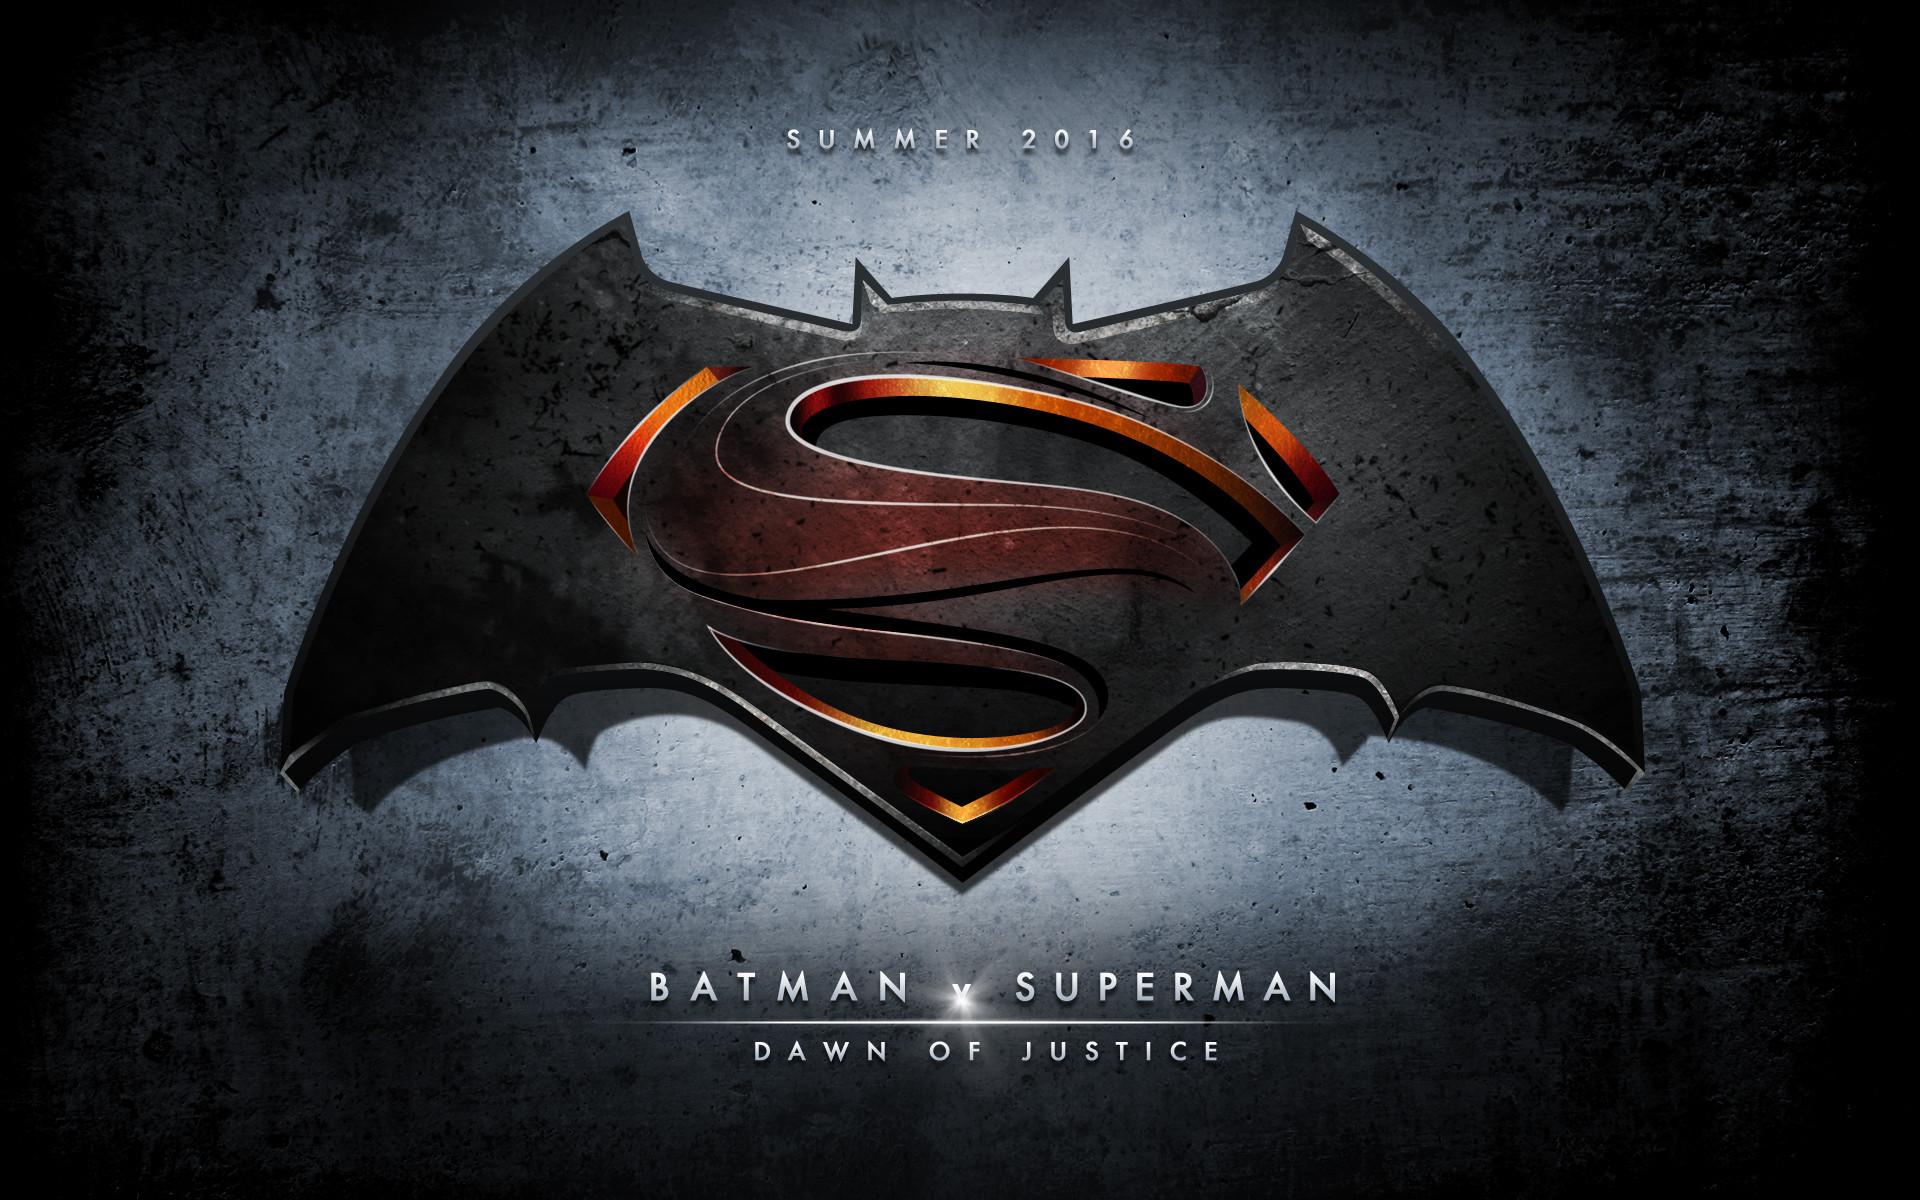 Robert<br/> Kirkman Thinks u0026#39;Batman V Supermanu0026#39